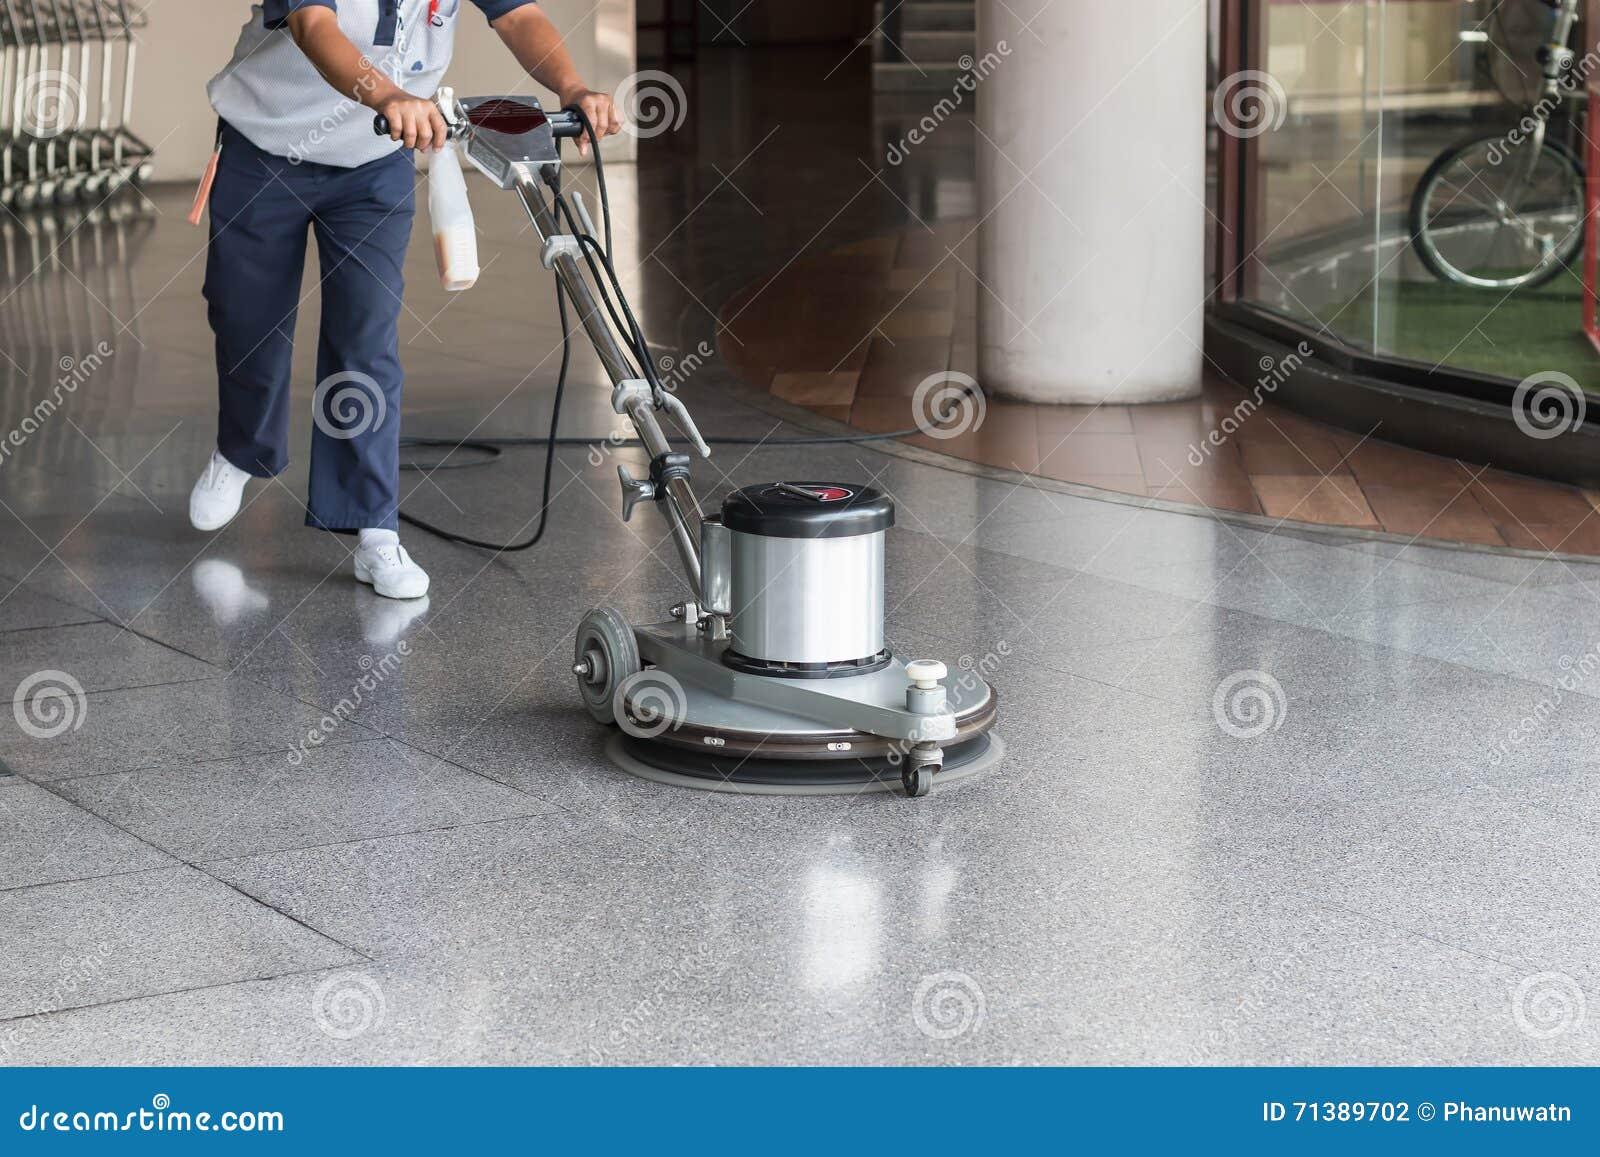 Fußboden Poliermaschine ~ Frau die den boden mit poliermaschine säubert stockfoto bild